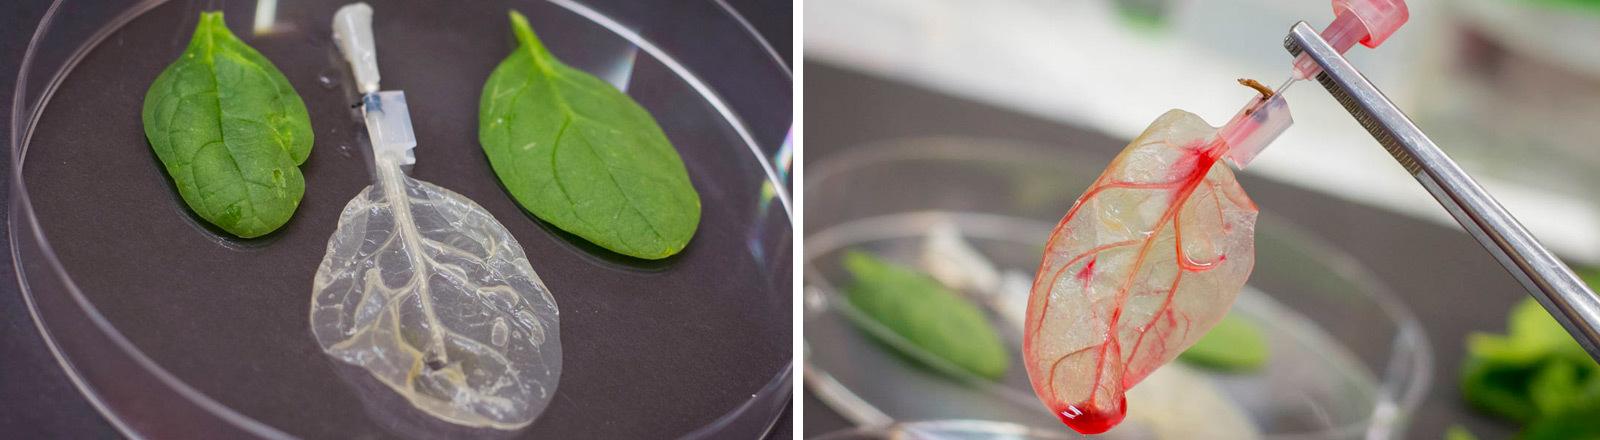 Spinatblätter, die zum Nachzüchten von Herzmuskellzellen genutzt we